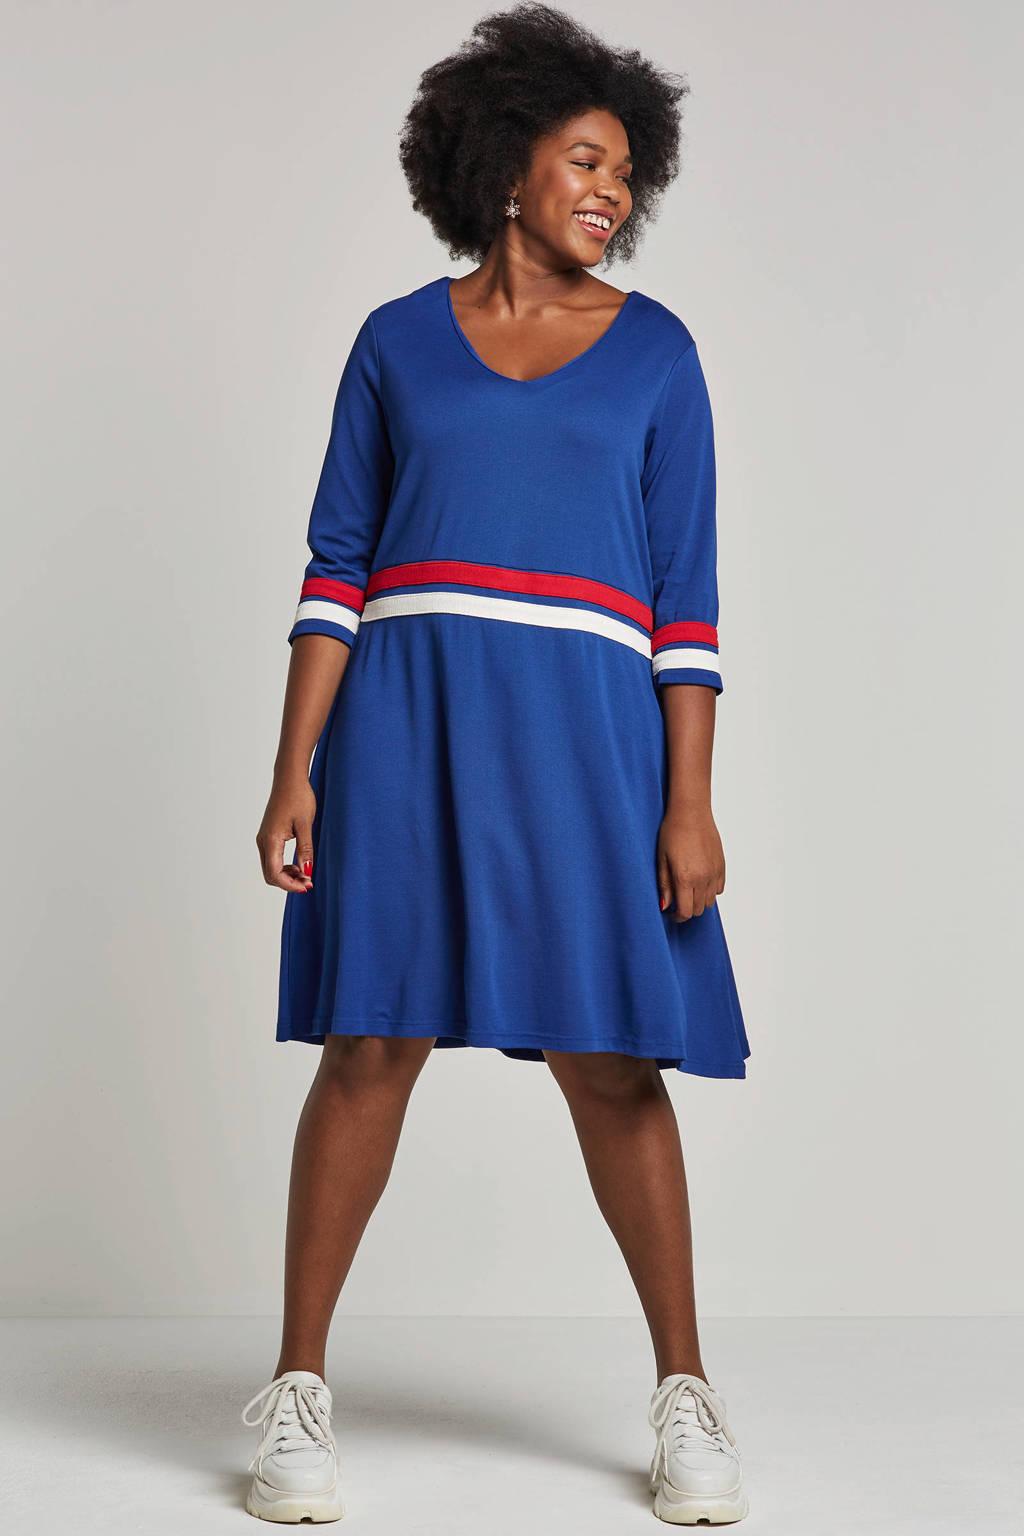 JUNAROSE gebreide jurk, Blauw/wit/rood